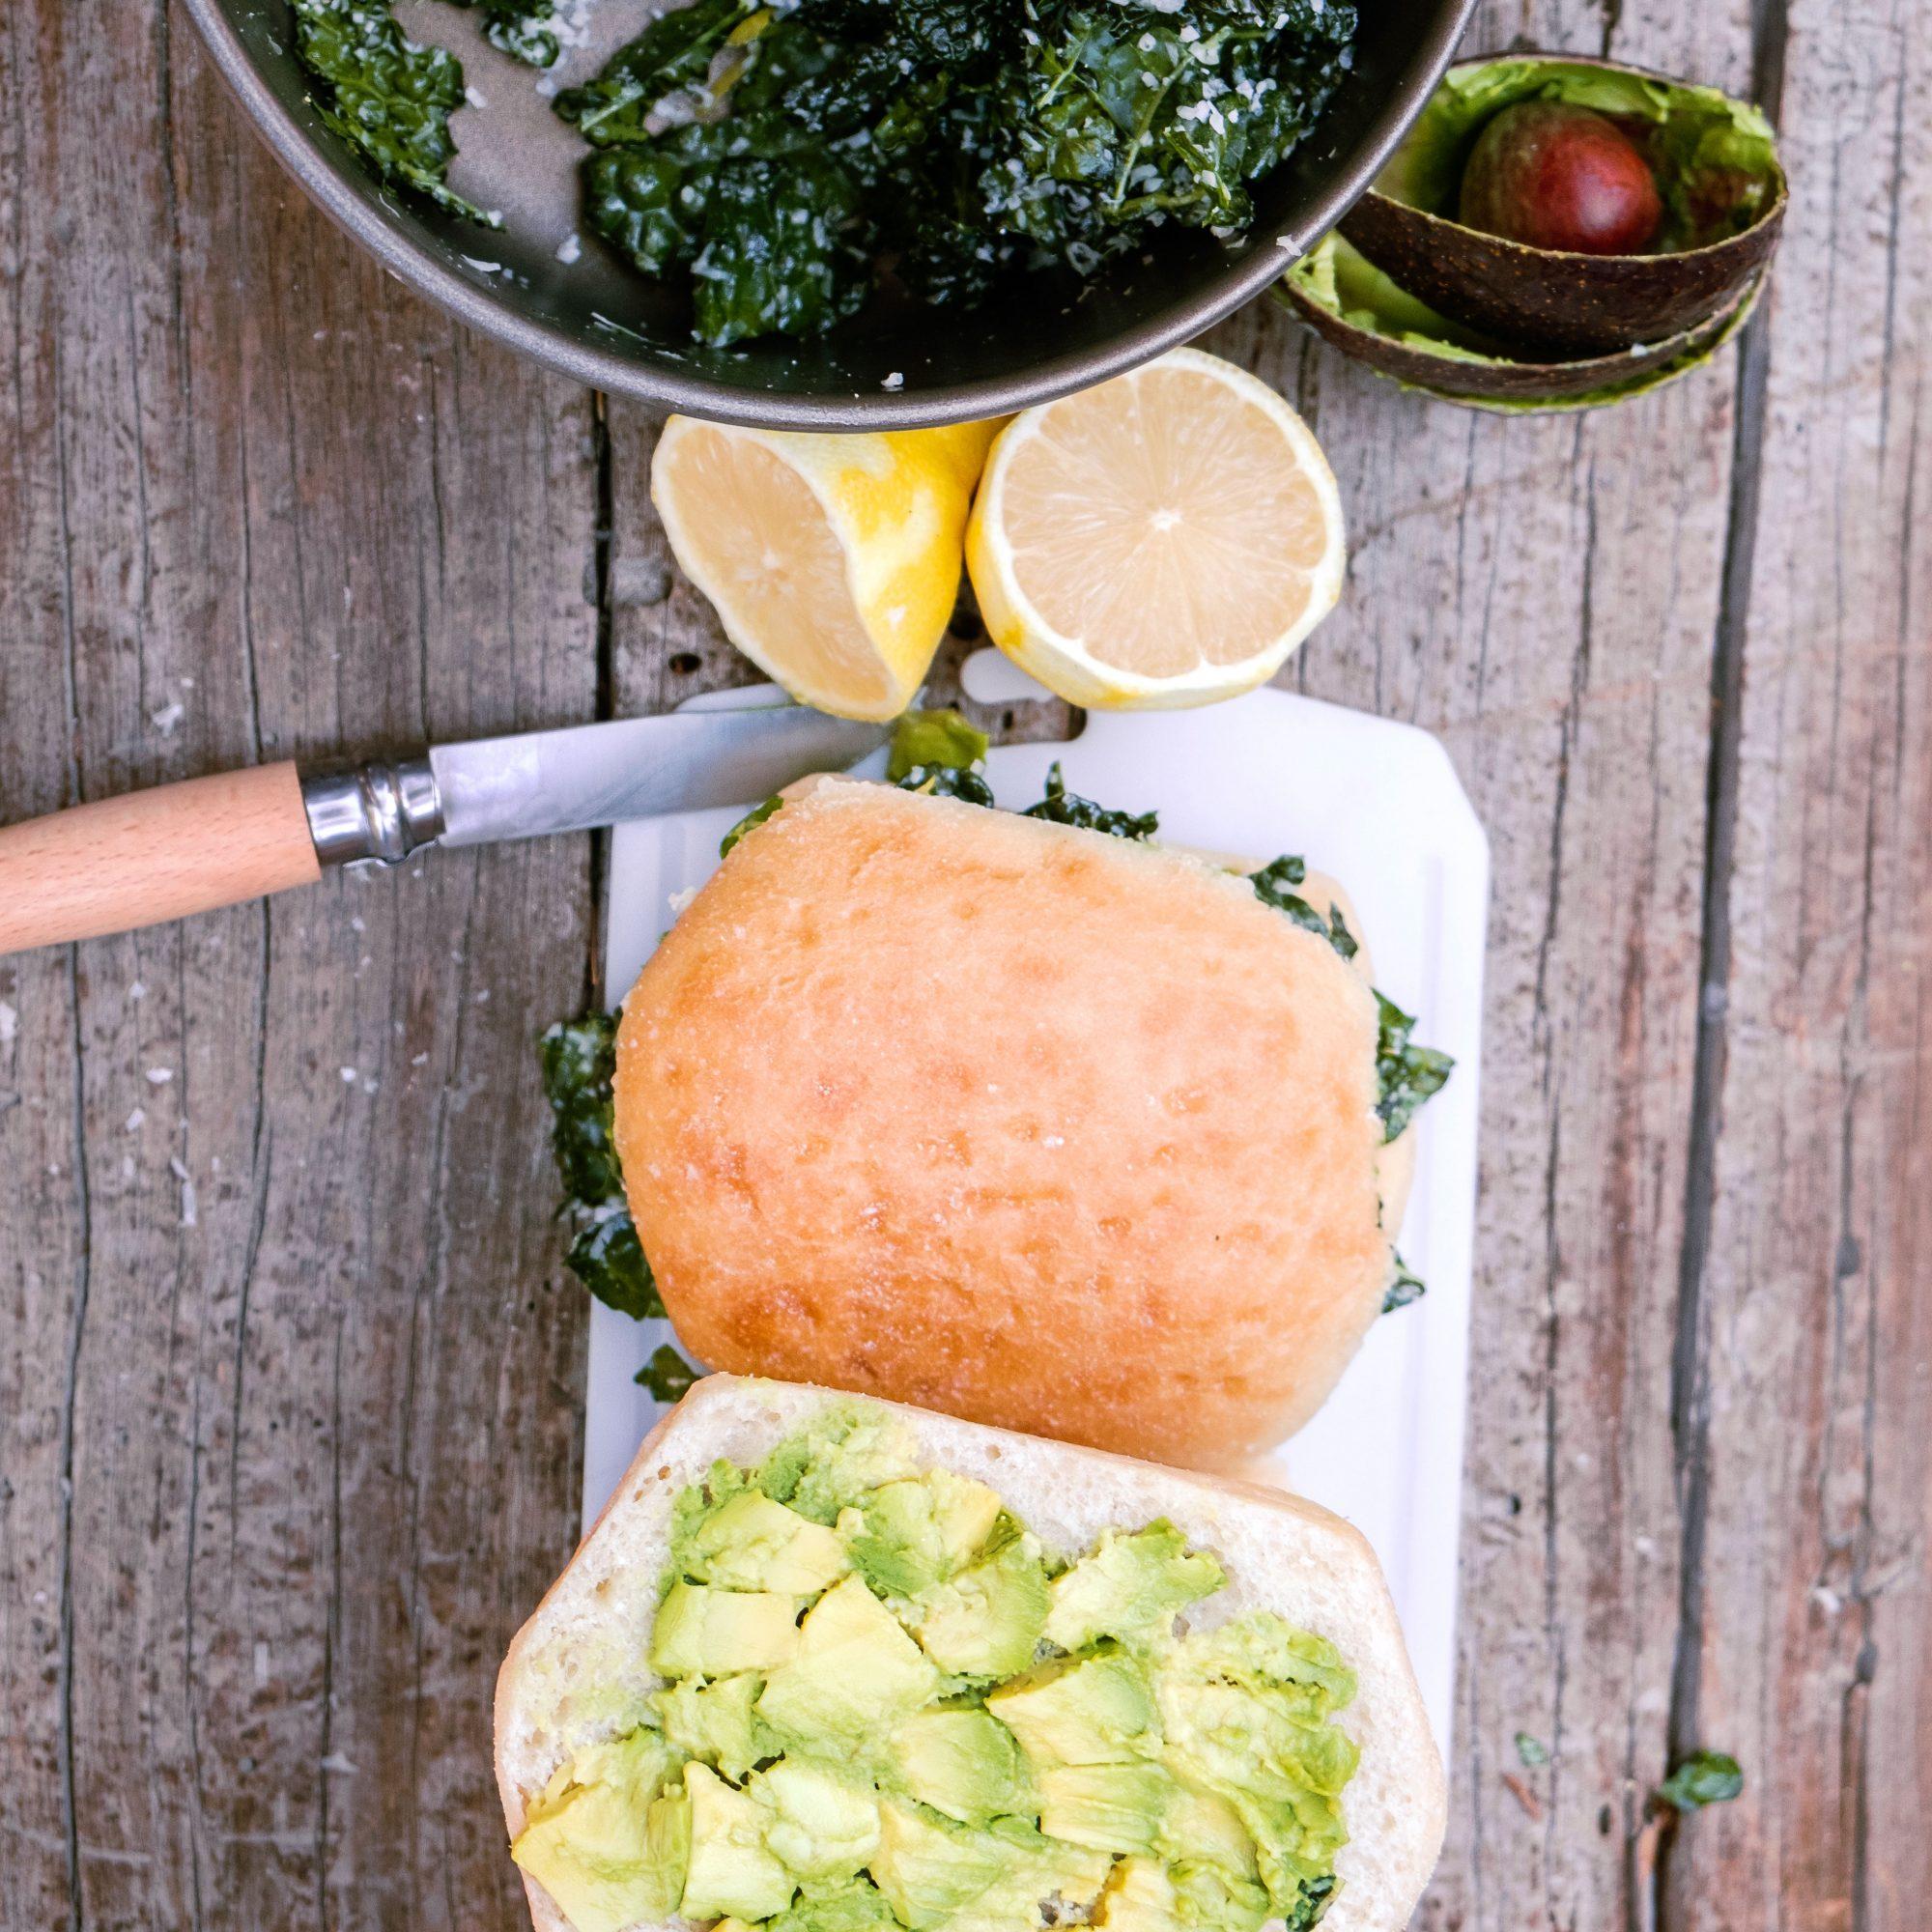 Lemon Kale Avocado Sandwich